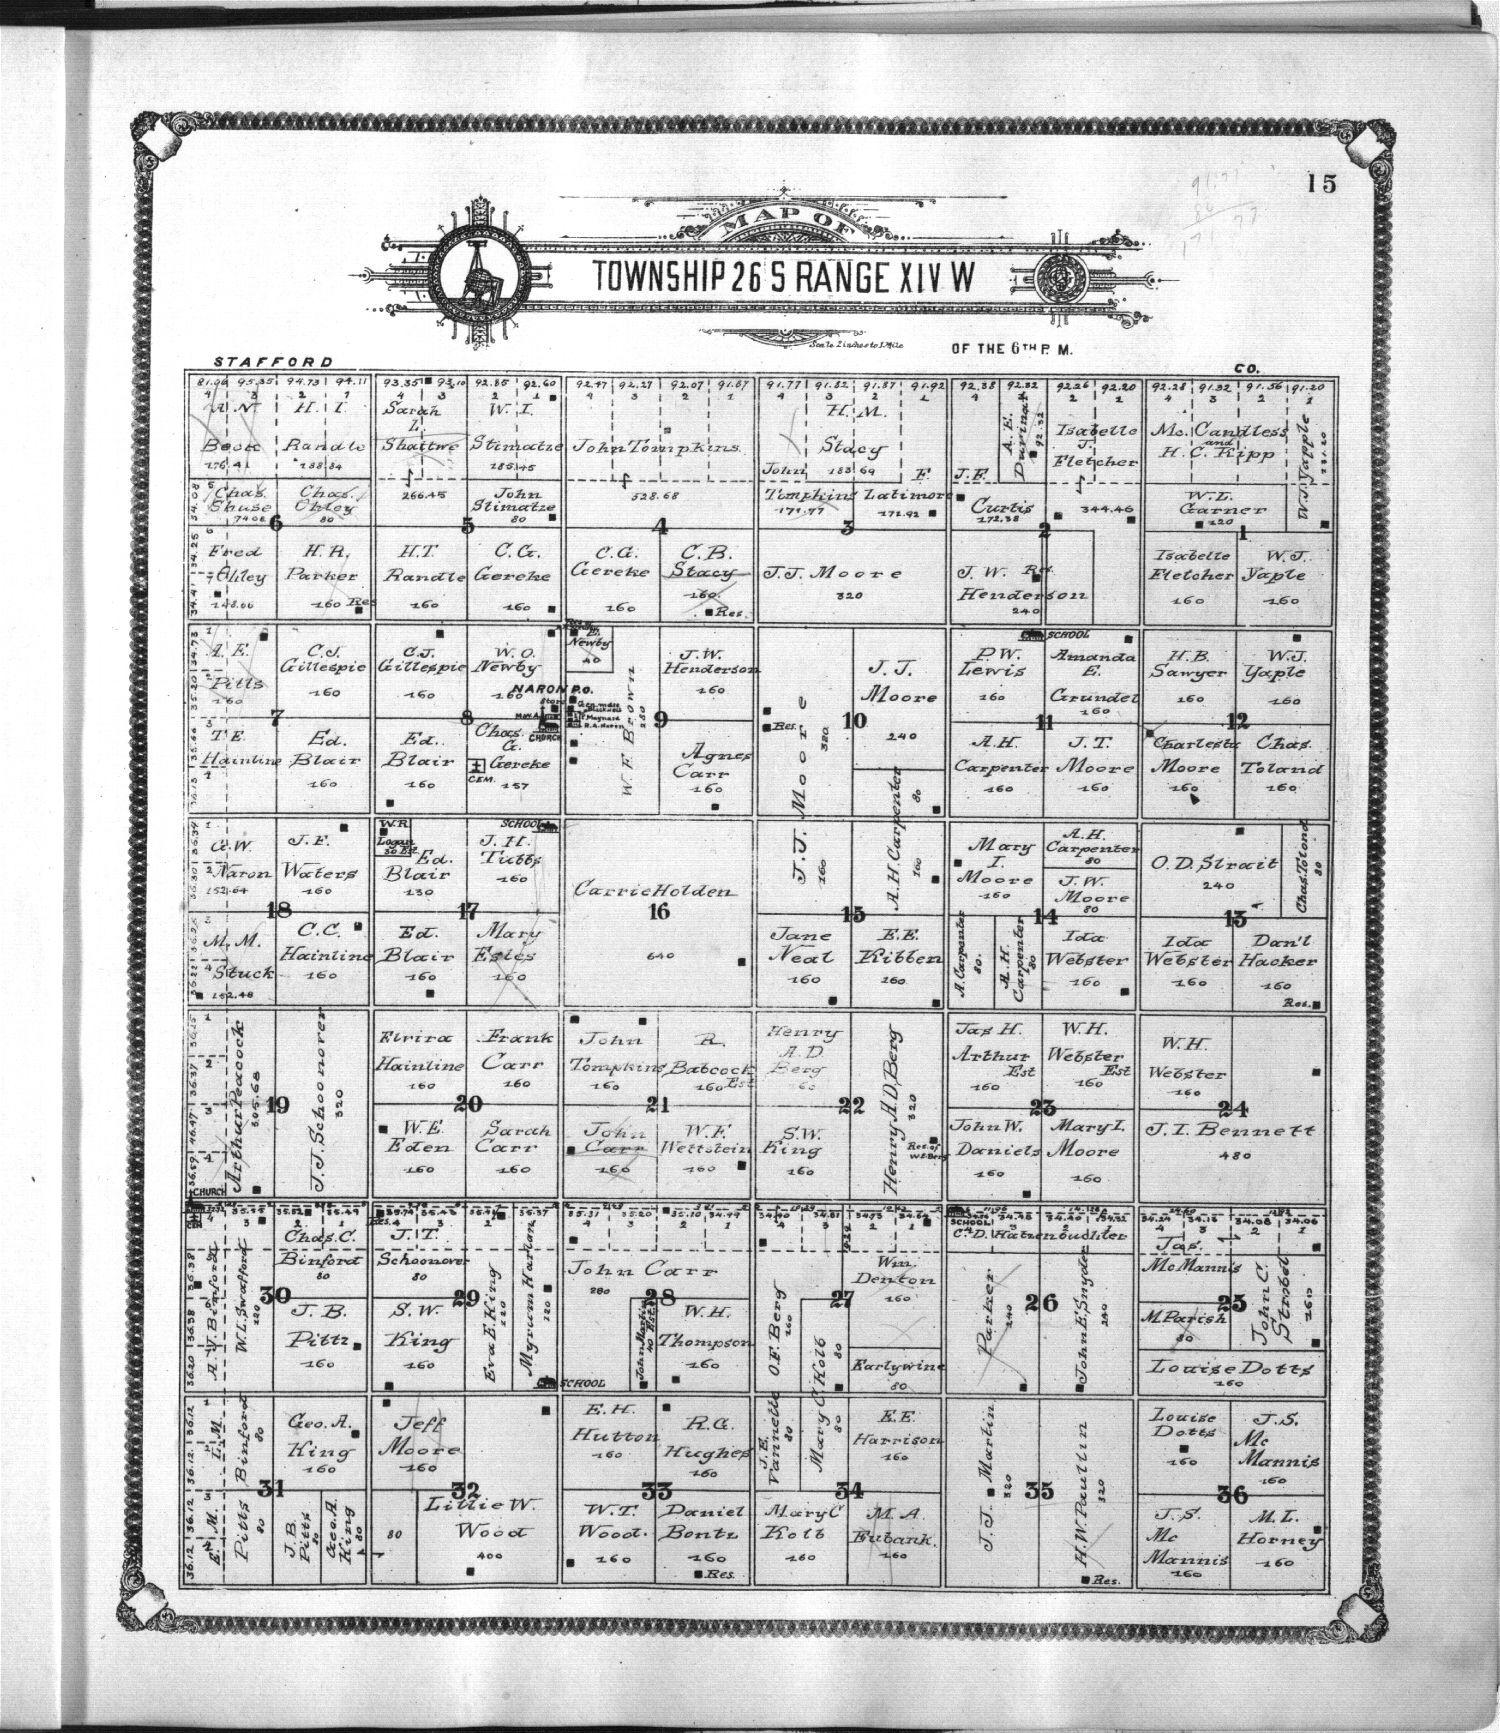 Standard atlas of Pratt County, Kansas - 15